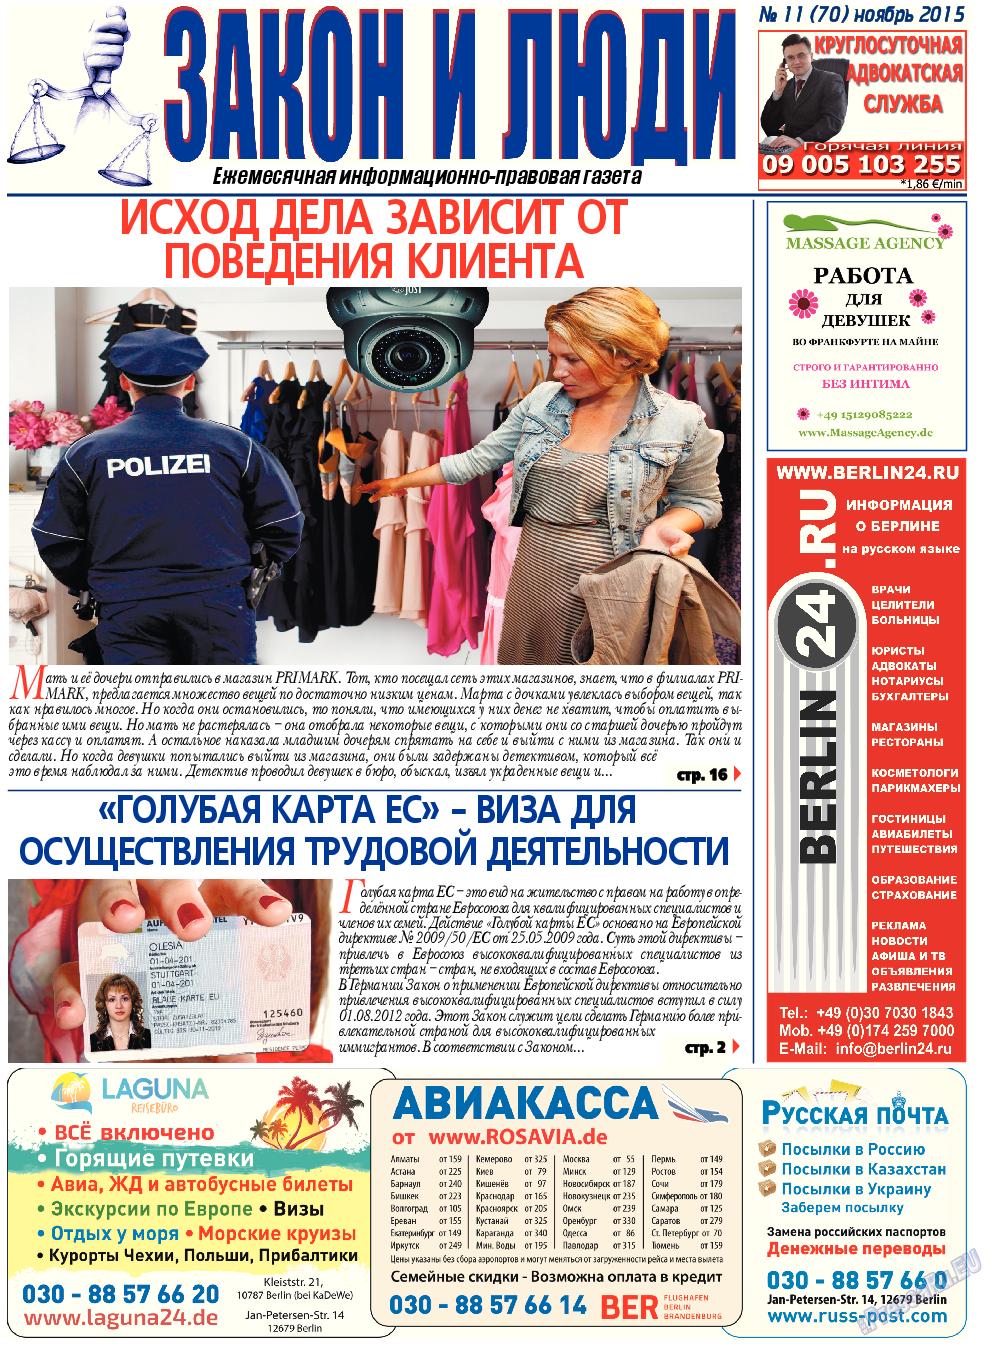 Закон и люди (газета). 2015 год, номер 11, стр. 1